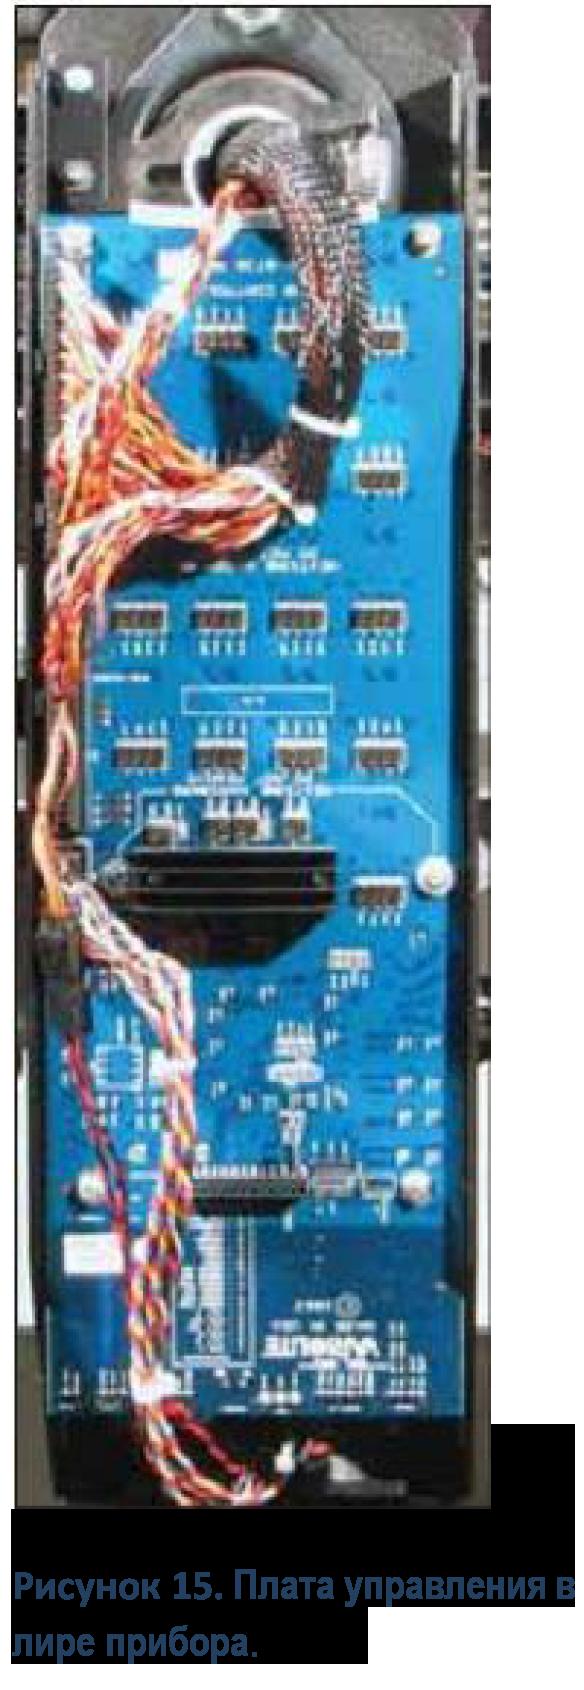 VL3500Wash_rus-15.1